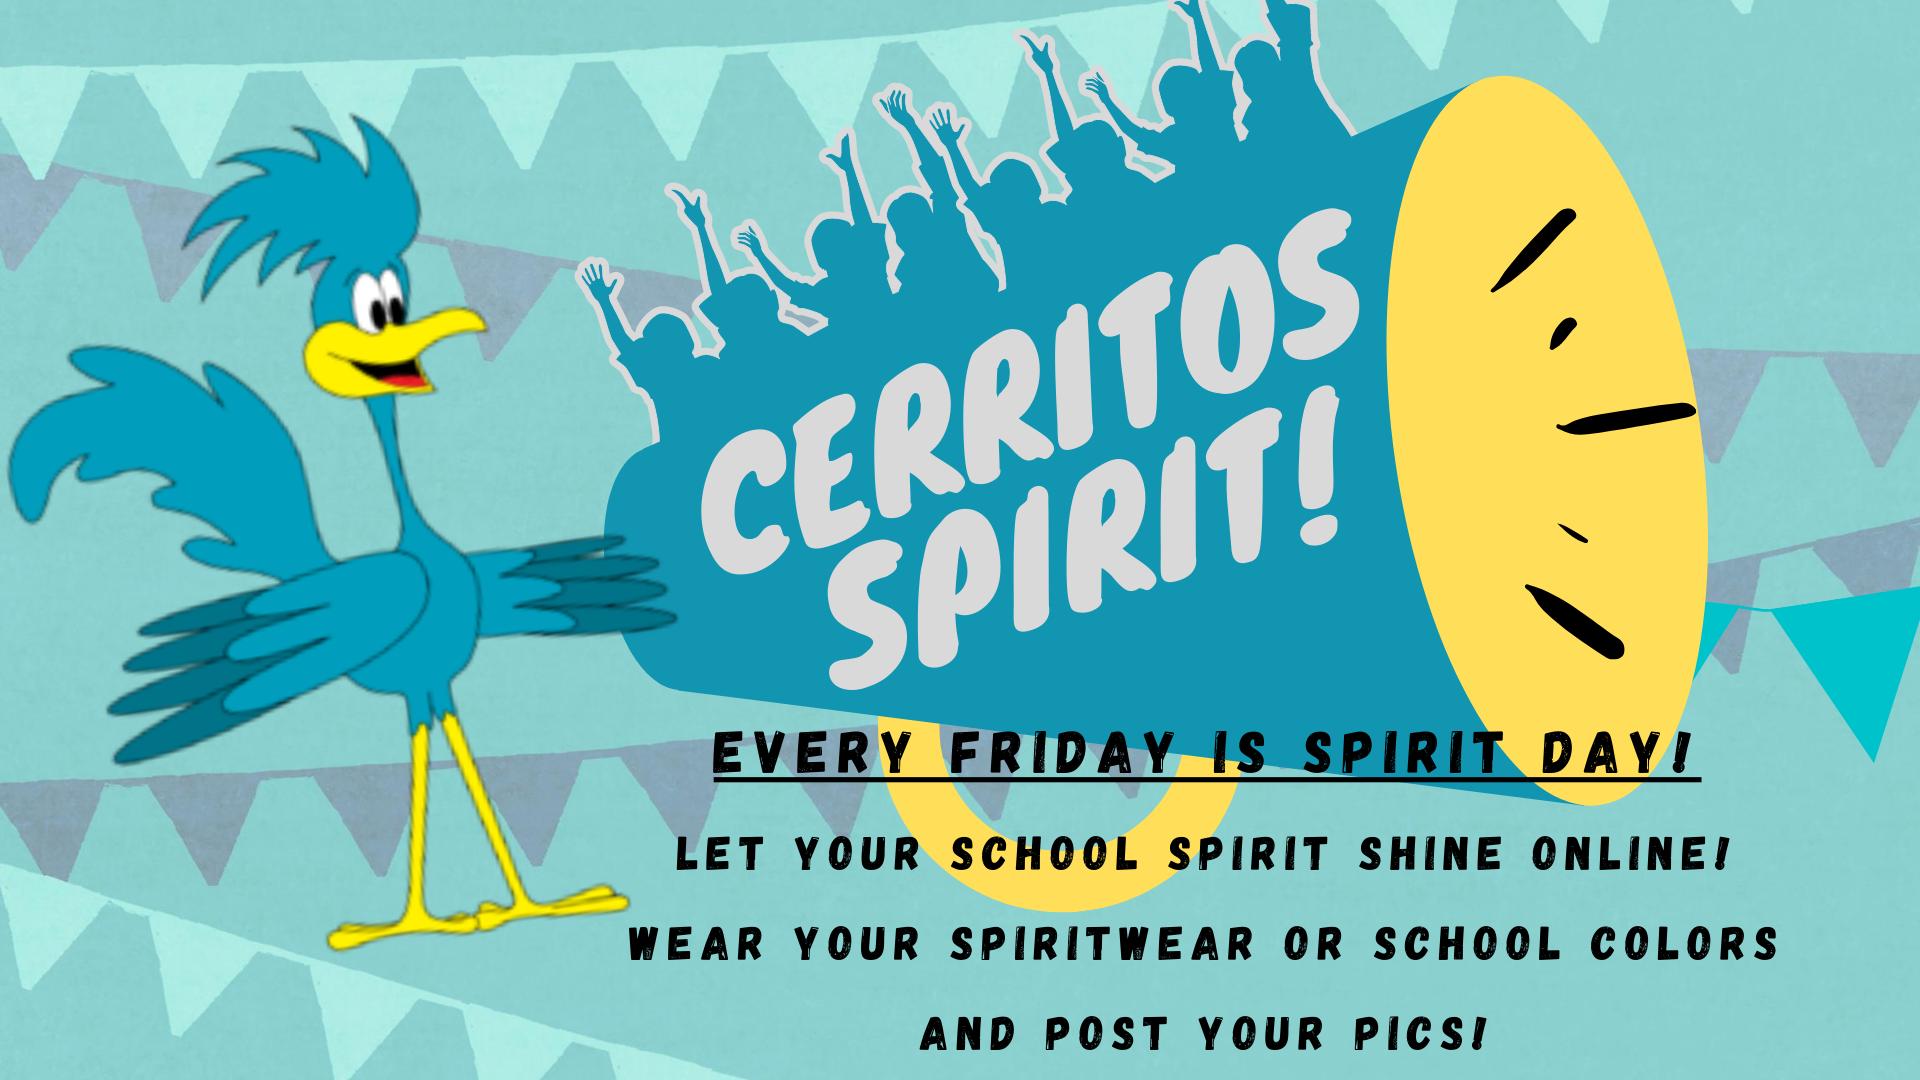 Cerritos Spirit Day!